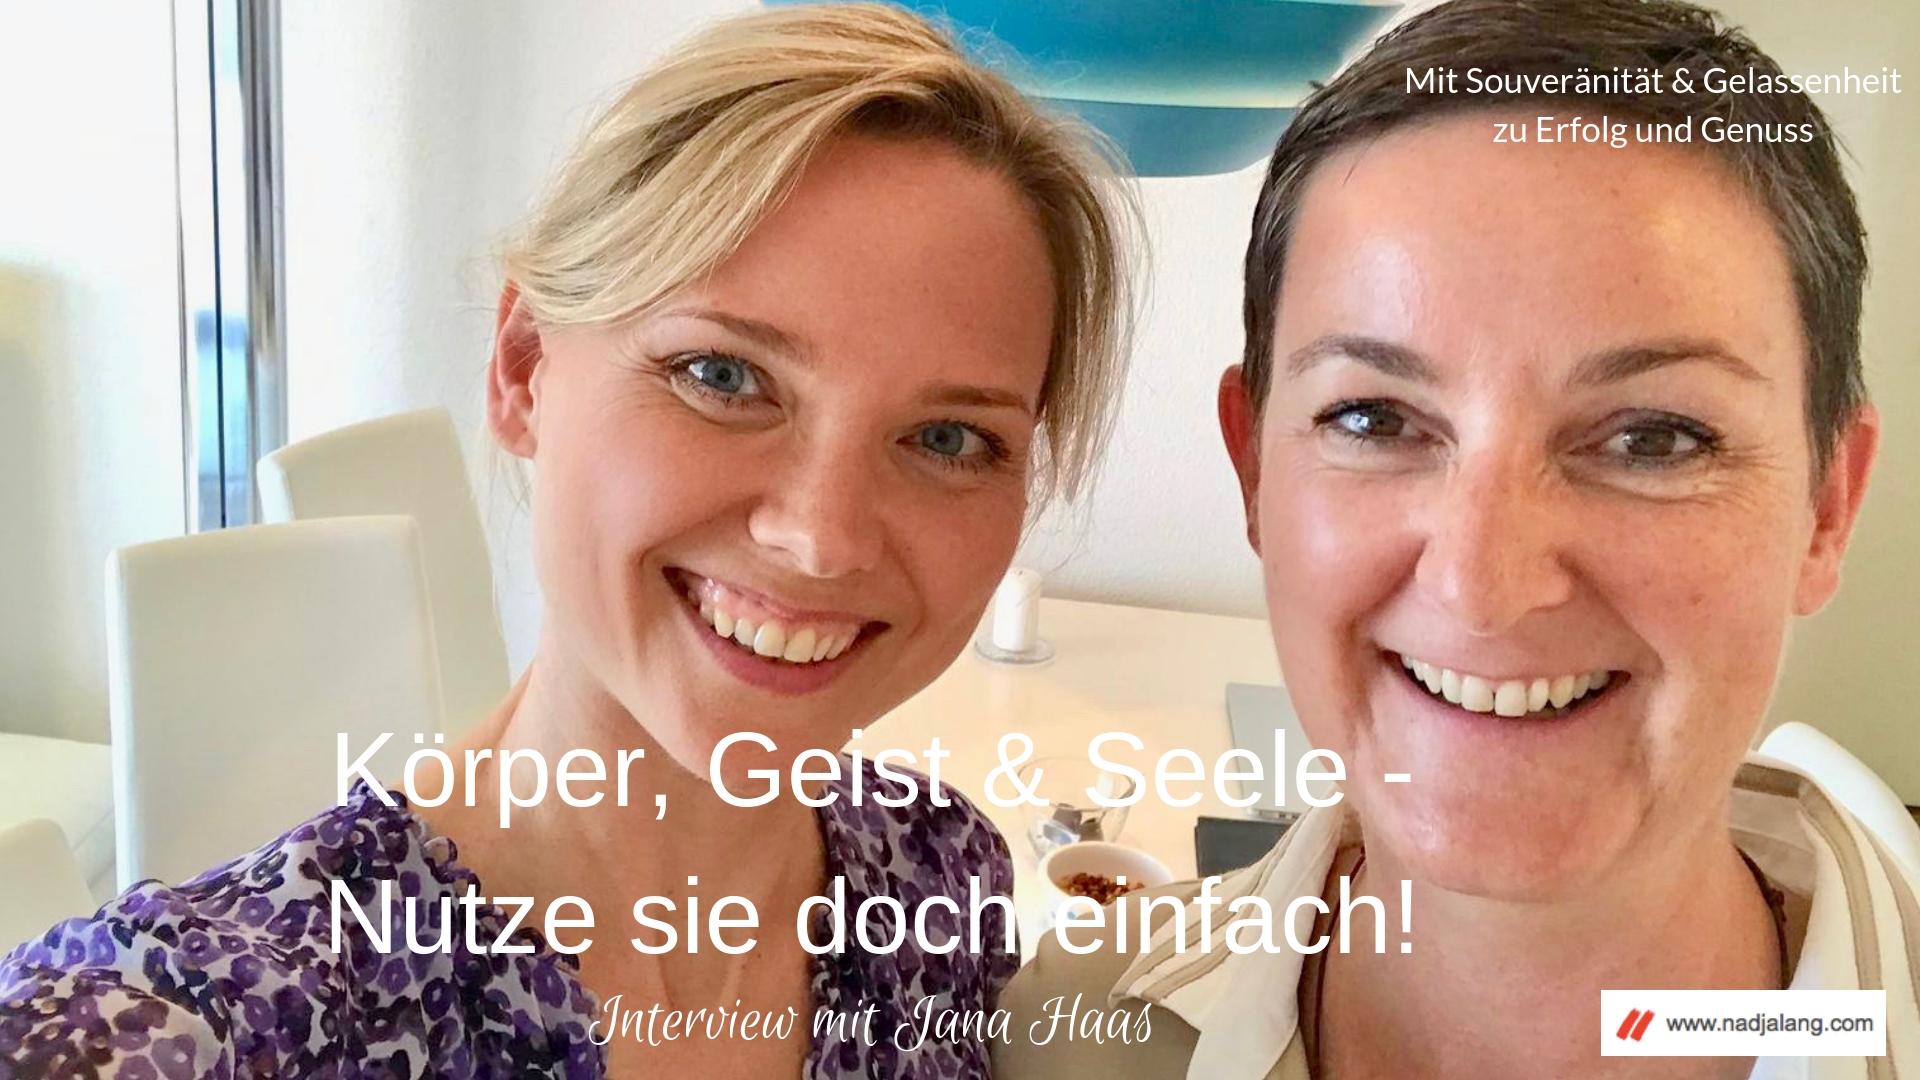 Interview mit Jana Haas.jpg